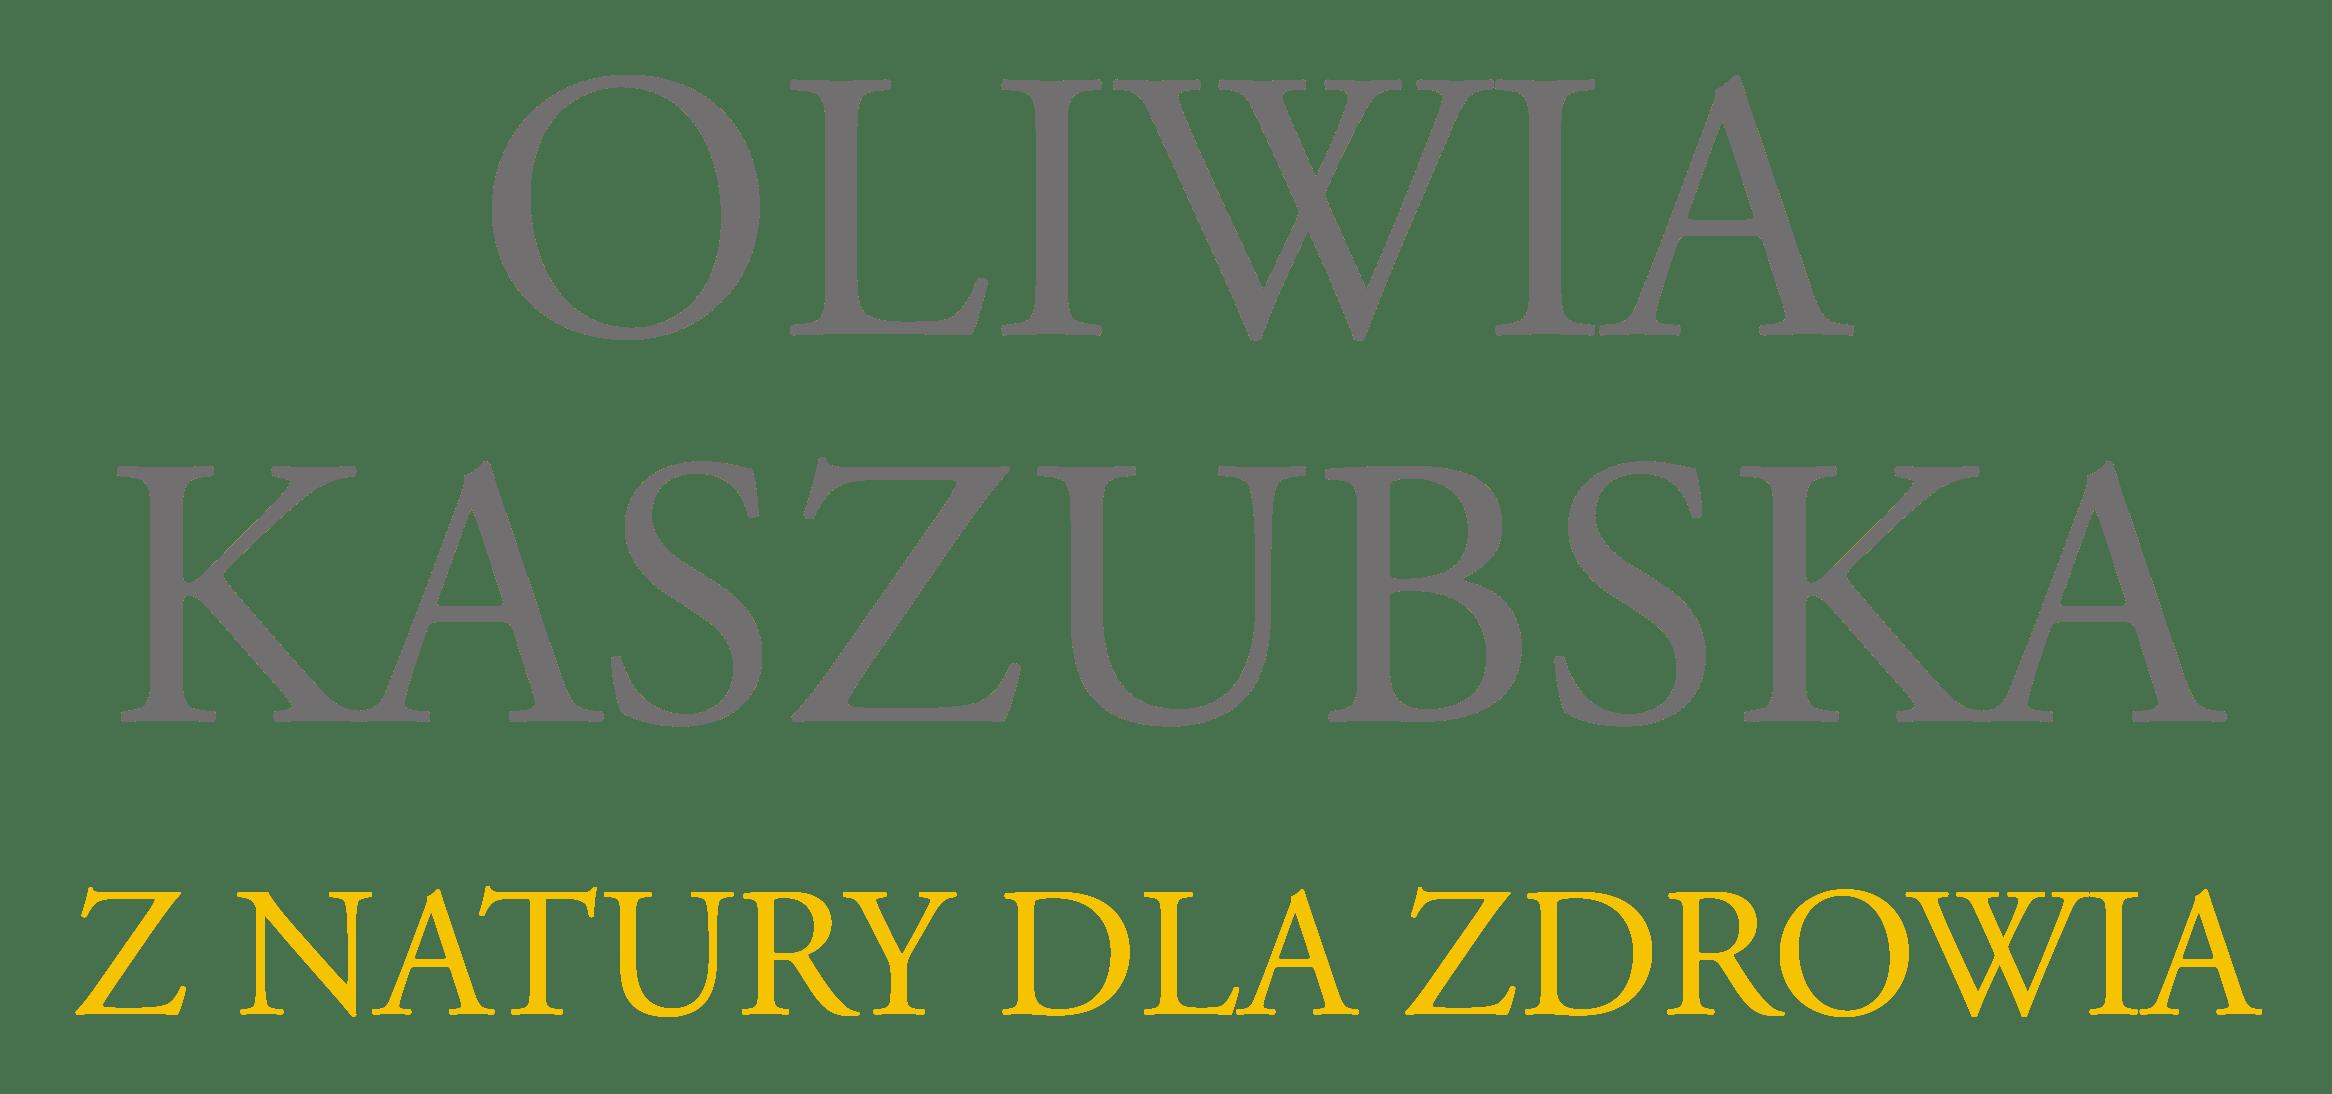 OLIWIA KASZUBSKA